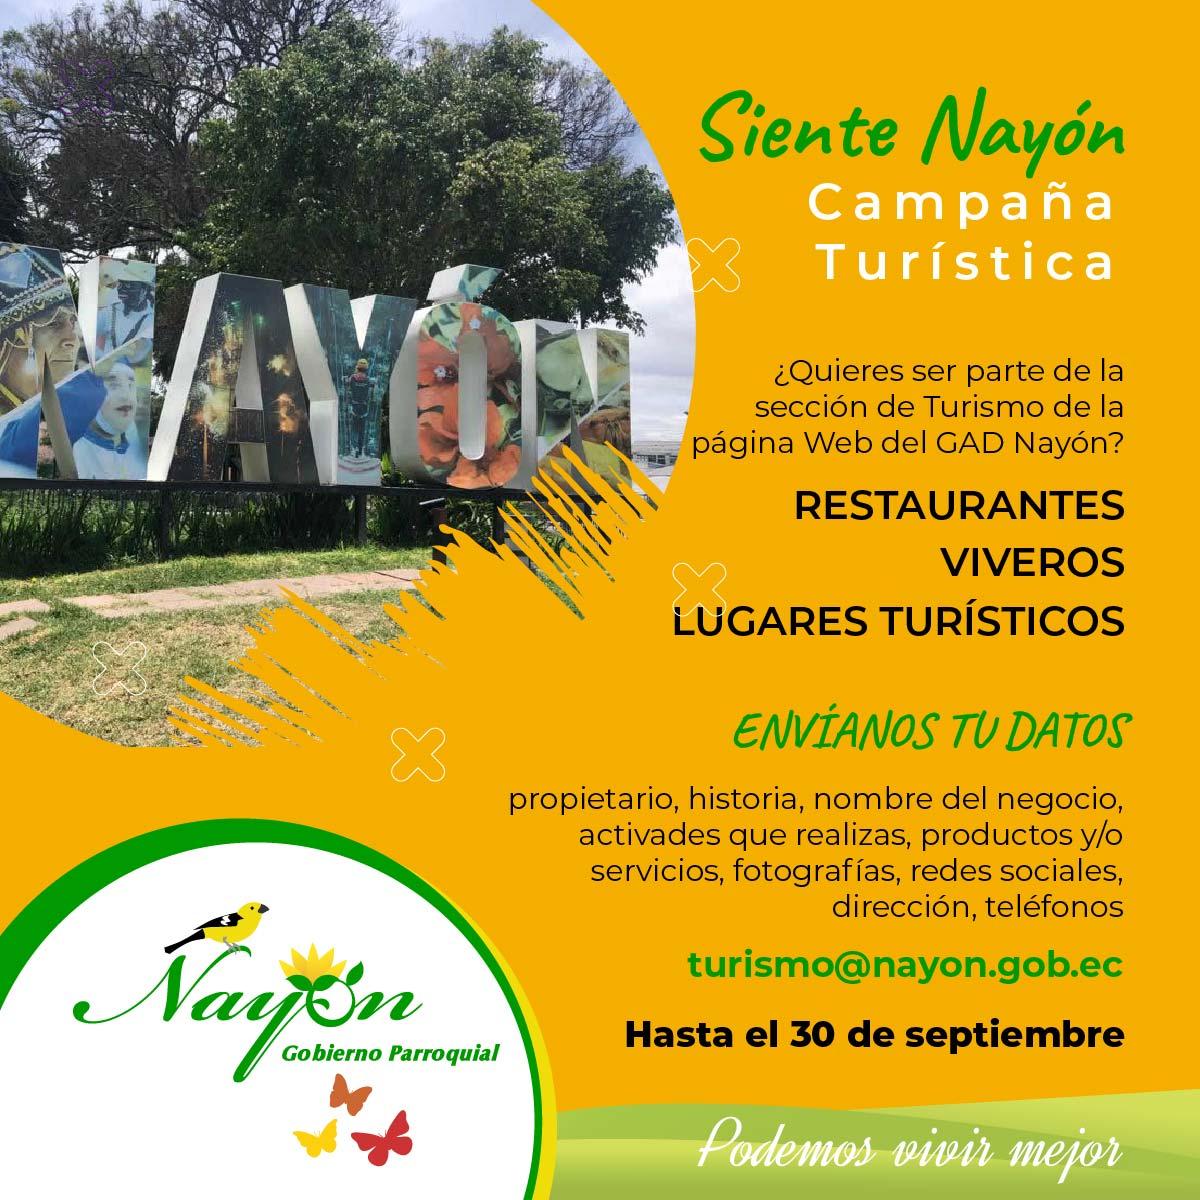 Registra tu negocio o emprendimiento en nuestra página Web para la Campaña Turística Siente Nayón